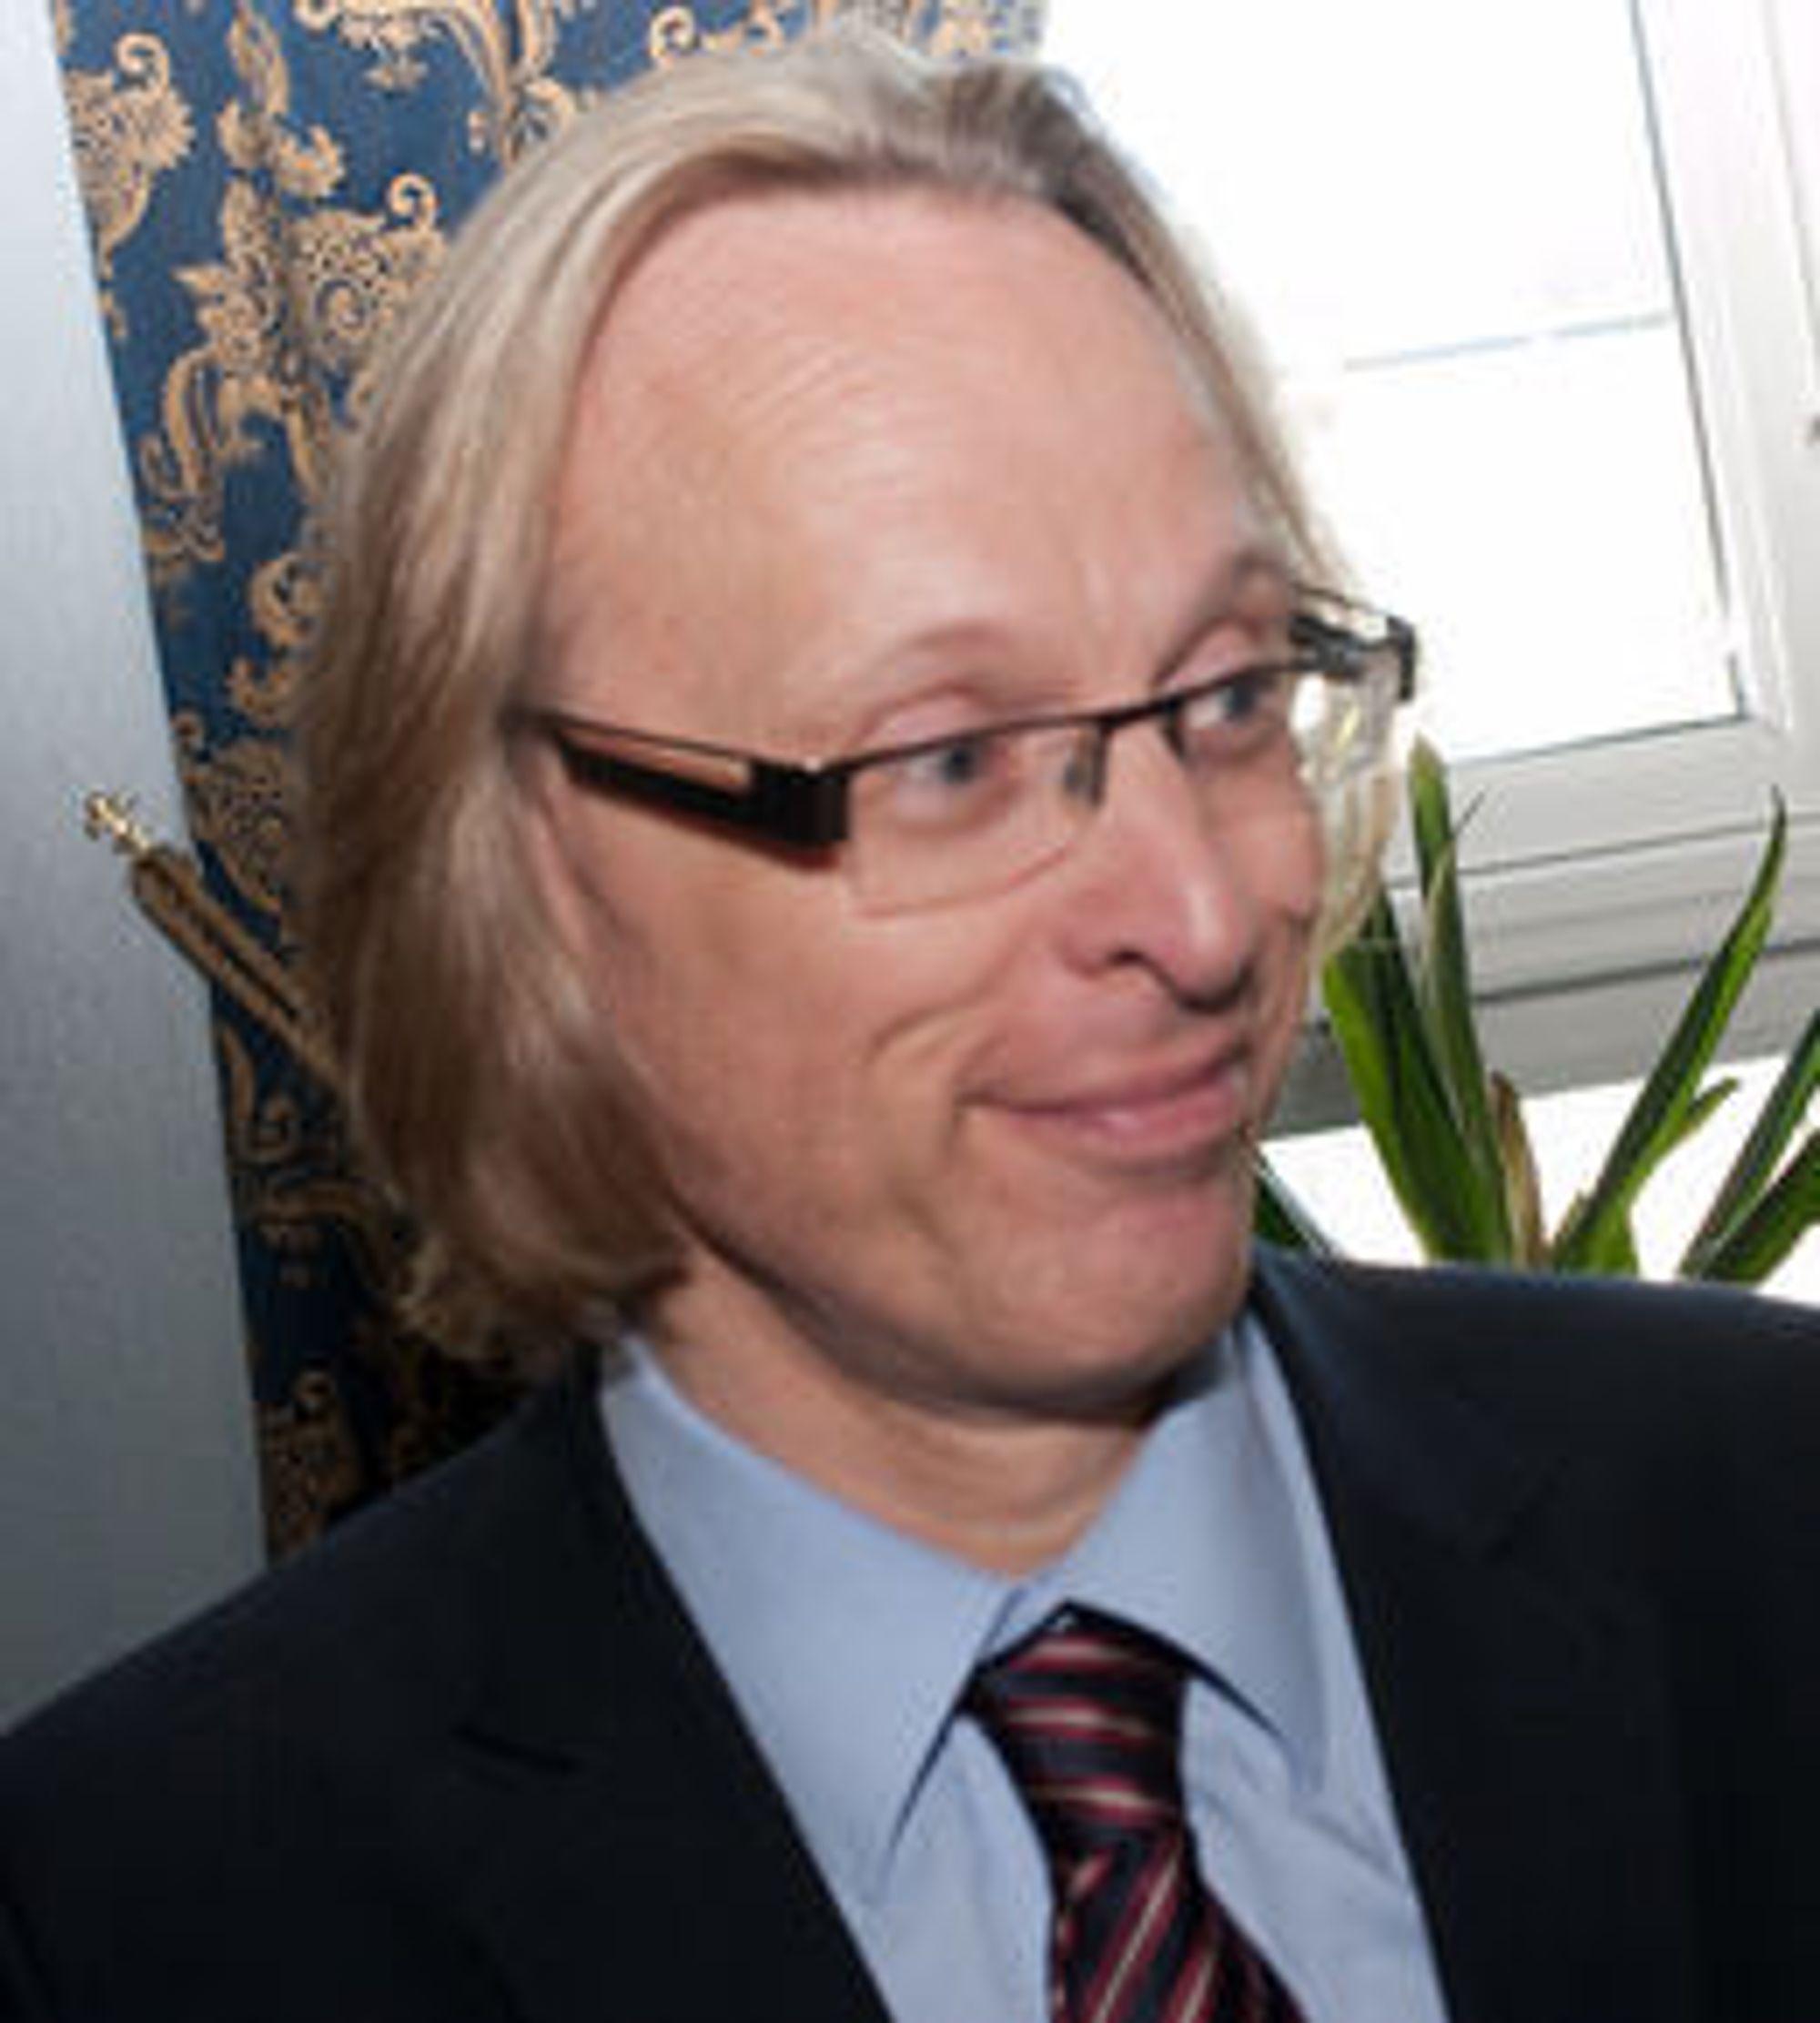 Viserektor Morten Irgens ved HiG får mye skryt for å ha dratt igang initiativet. Tre stortingsmeldinger på rad har sagt at et slikt forskningssenter er av nasjonal viktighet og bør støttes.